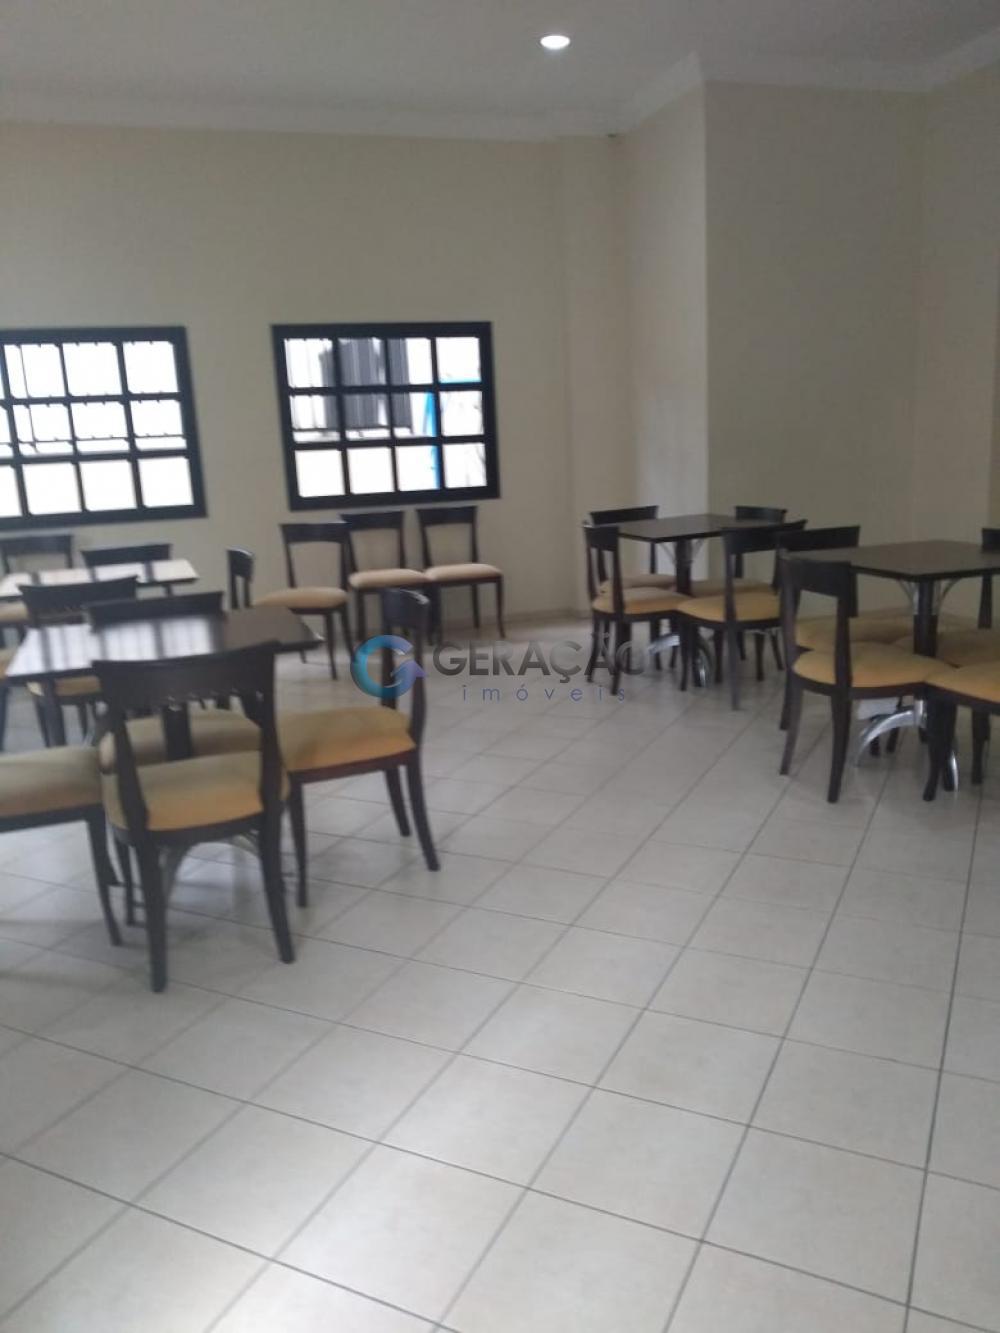 Comprar Apartamento / Padrão em São José dos Campos R$ 1.300.000,00 - Foto 32